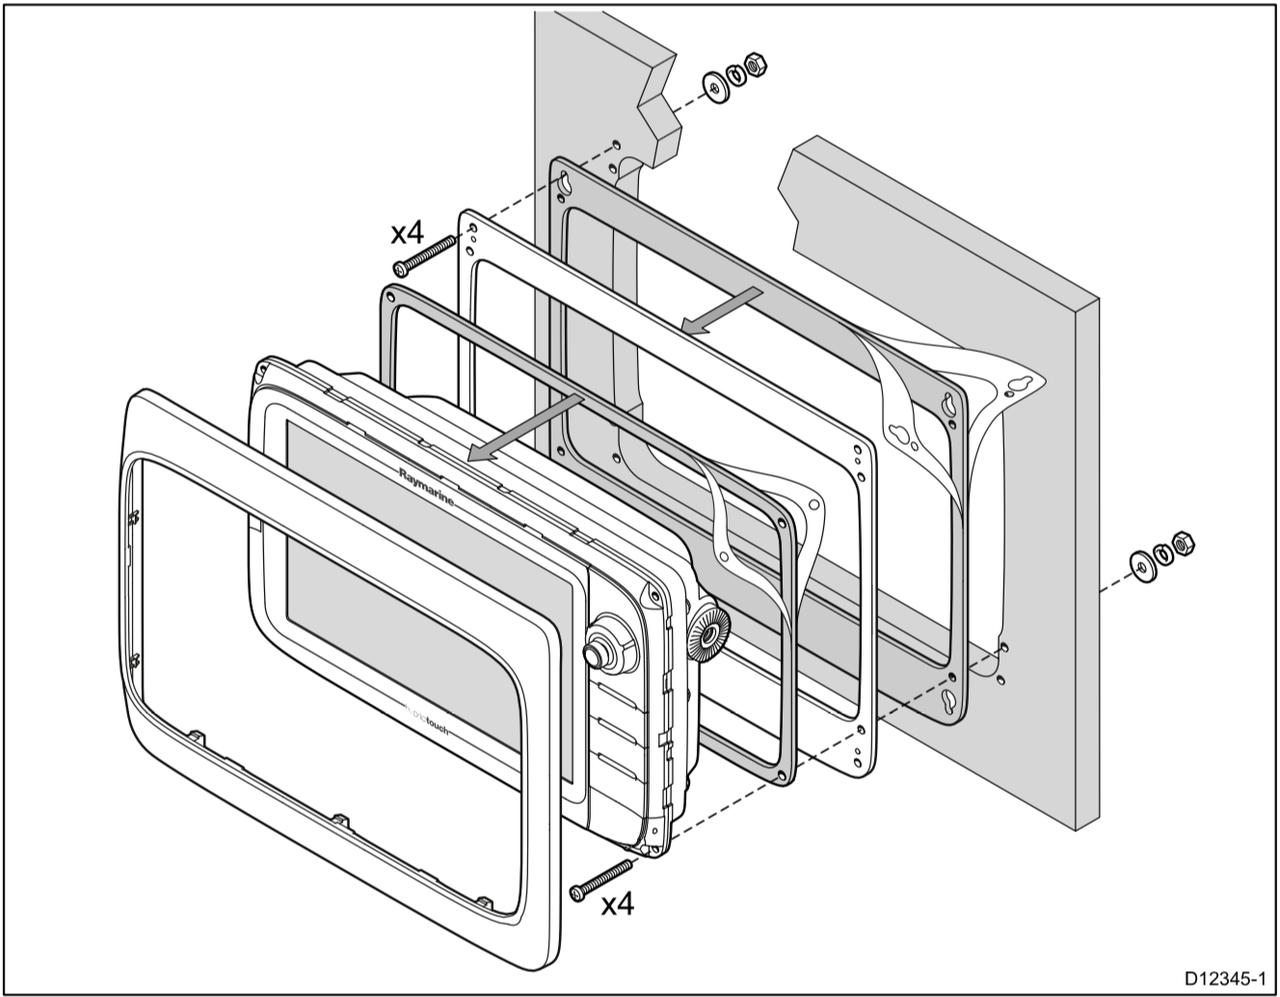 raymond wiring diagram wiring schematics diagram rh enr green com raymond 102t-f45l wiring diagram Wiring Diagram Symbols